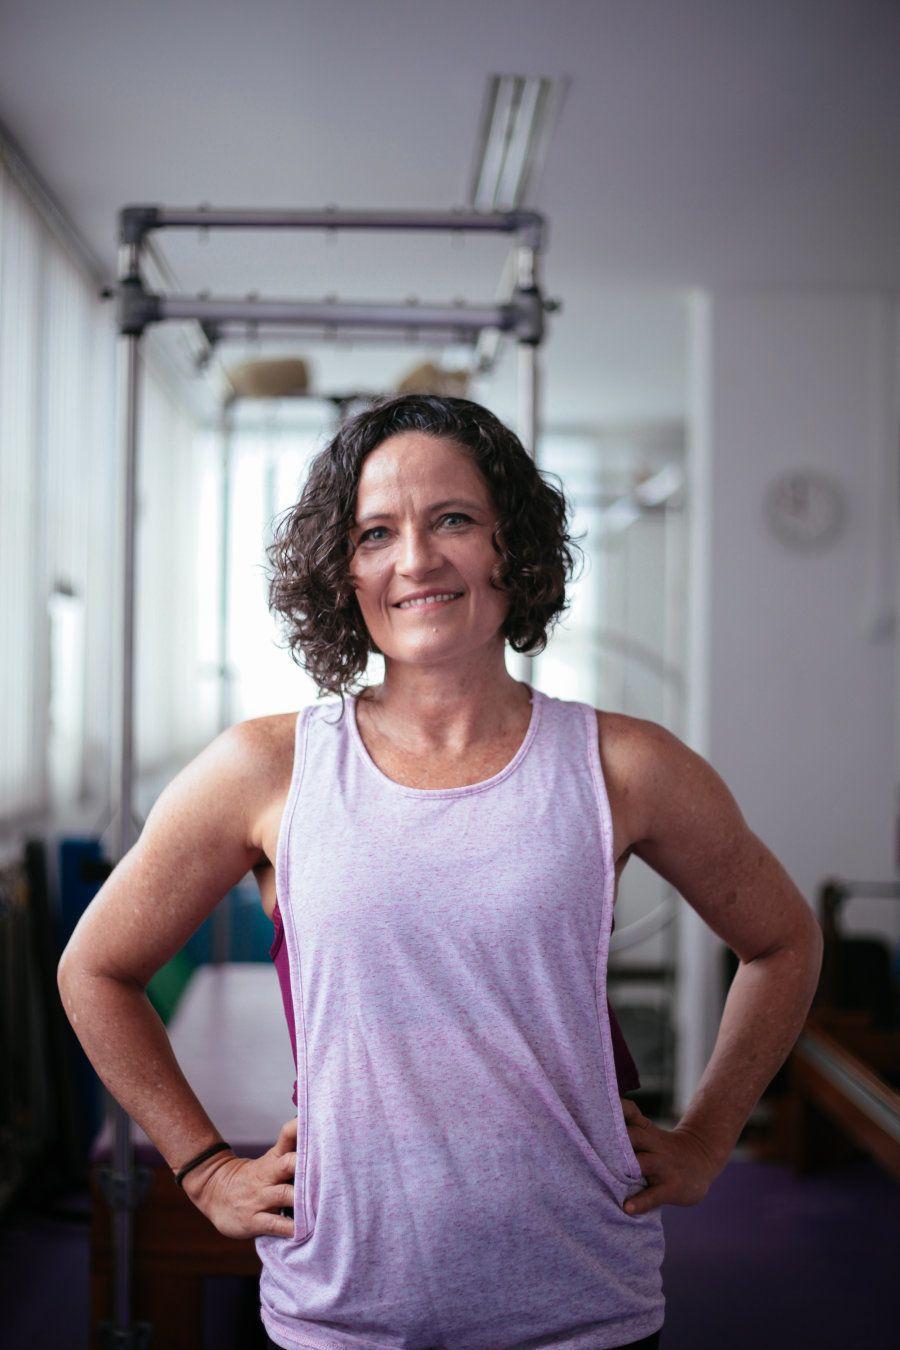 Se você mora no Brasil e conseguiu, através do pilates, melhorar a postura, dar aquela tonificada nos...